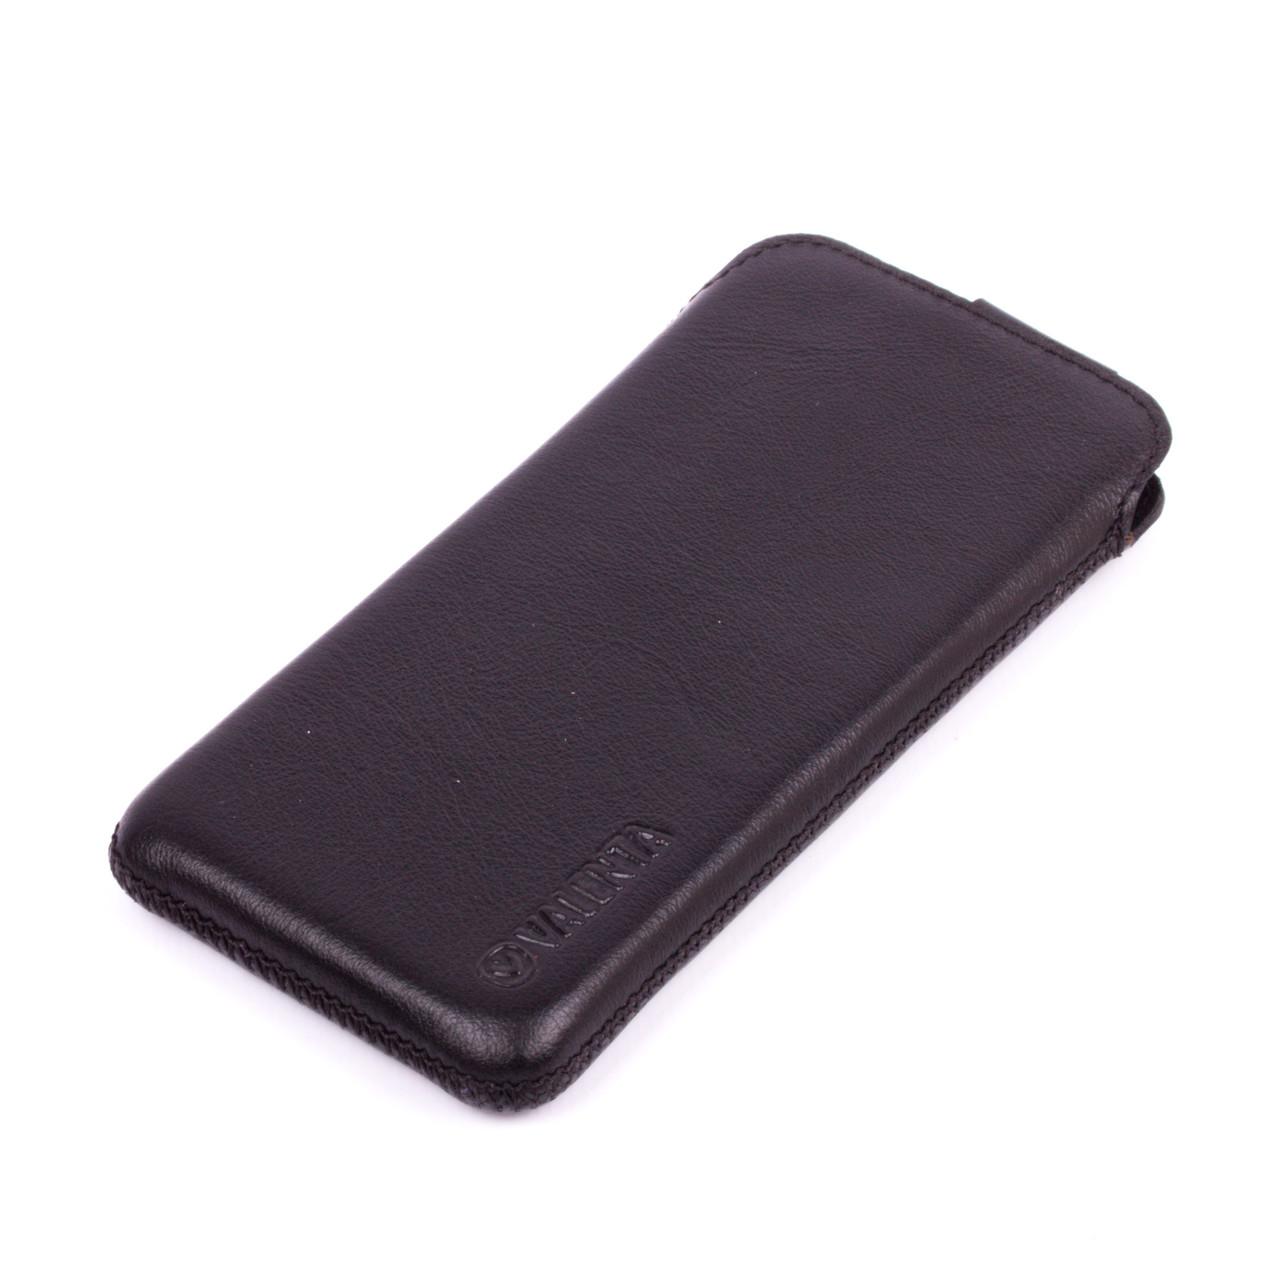 Кожаный чехол-карман Valenta для iPhone 6/6S Черный (1193ip6h)